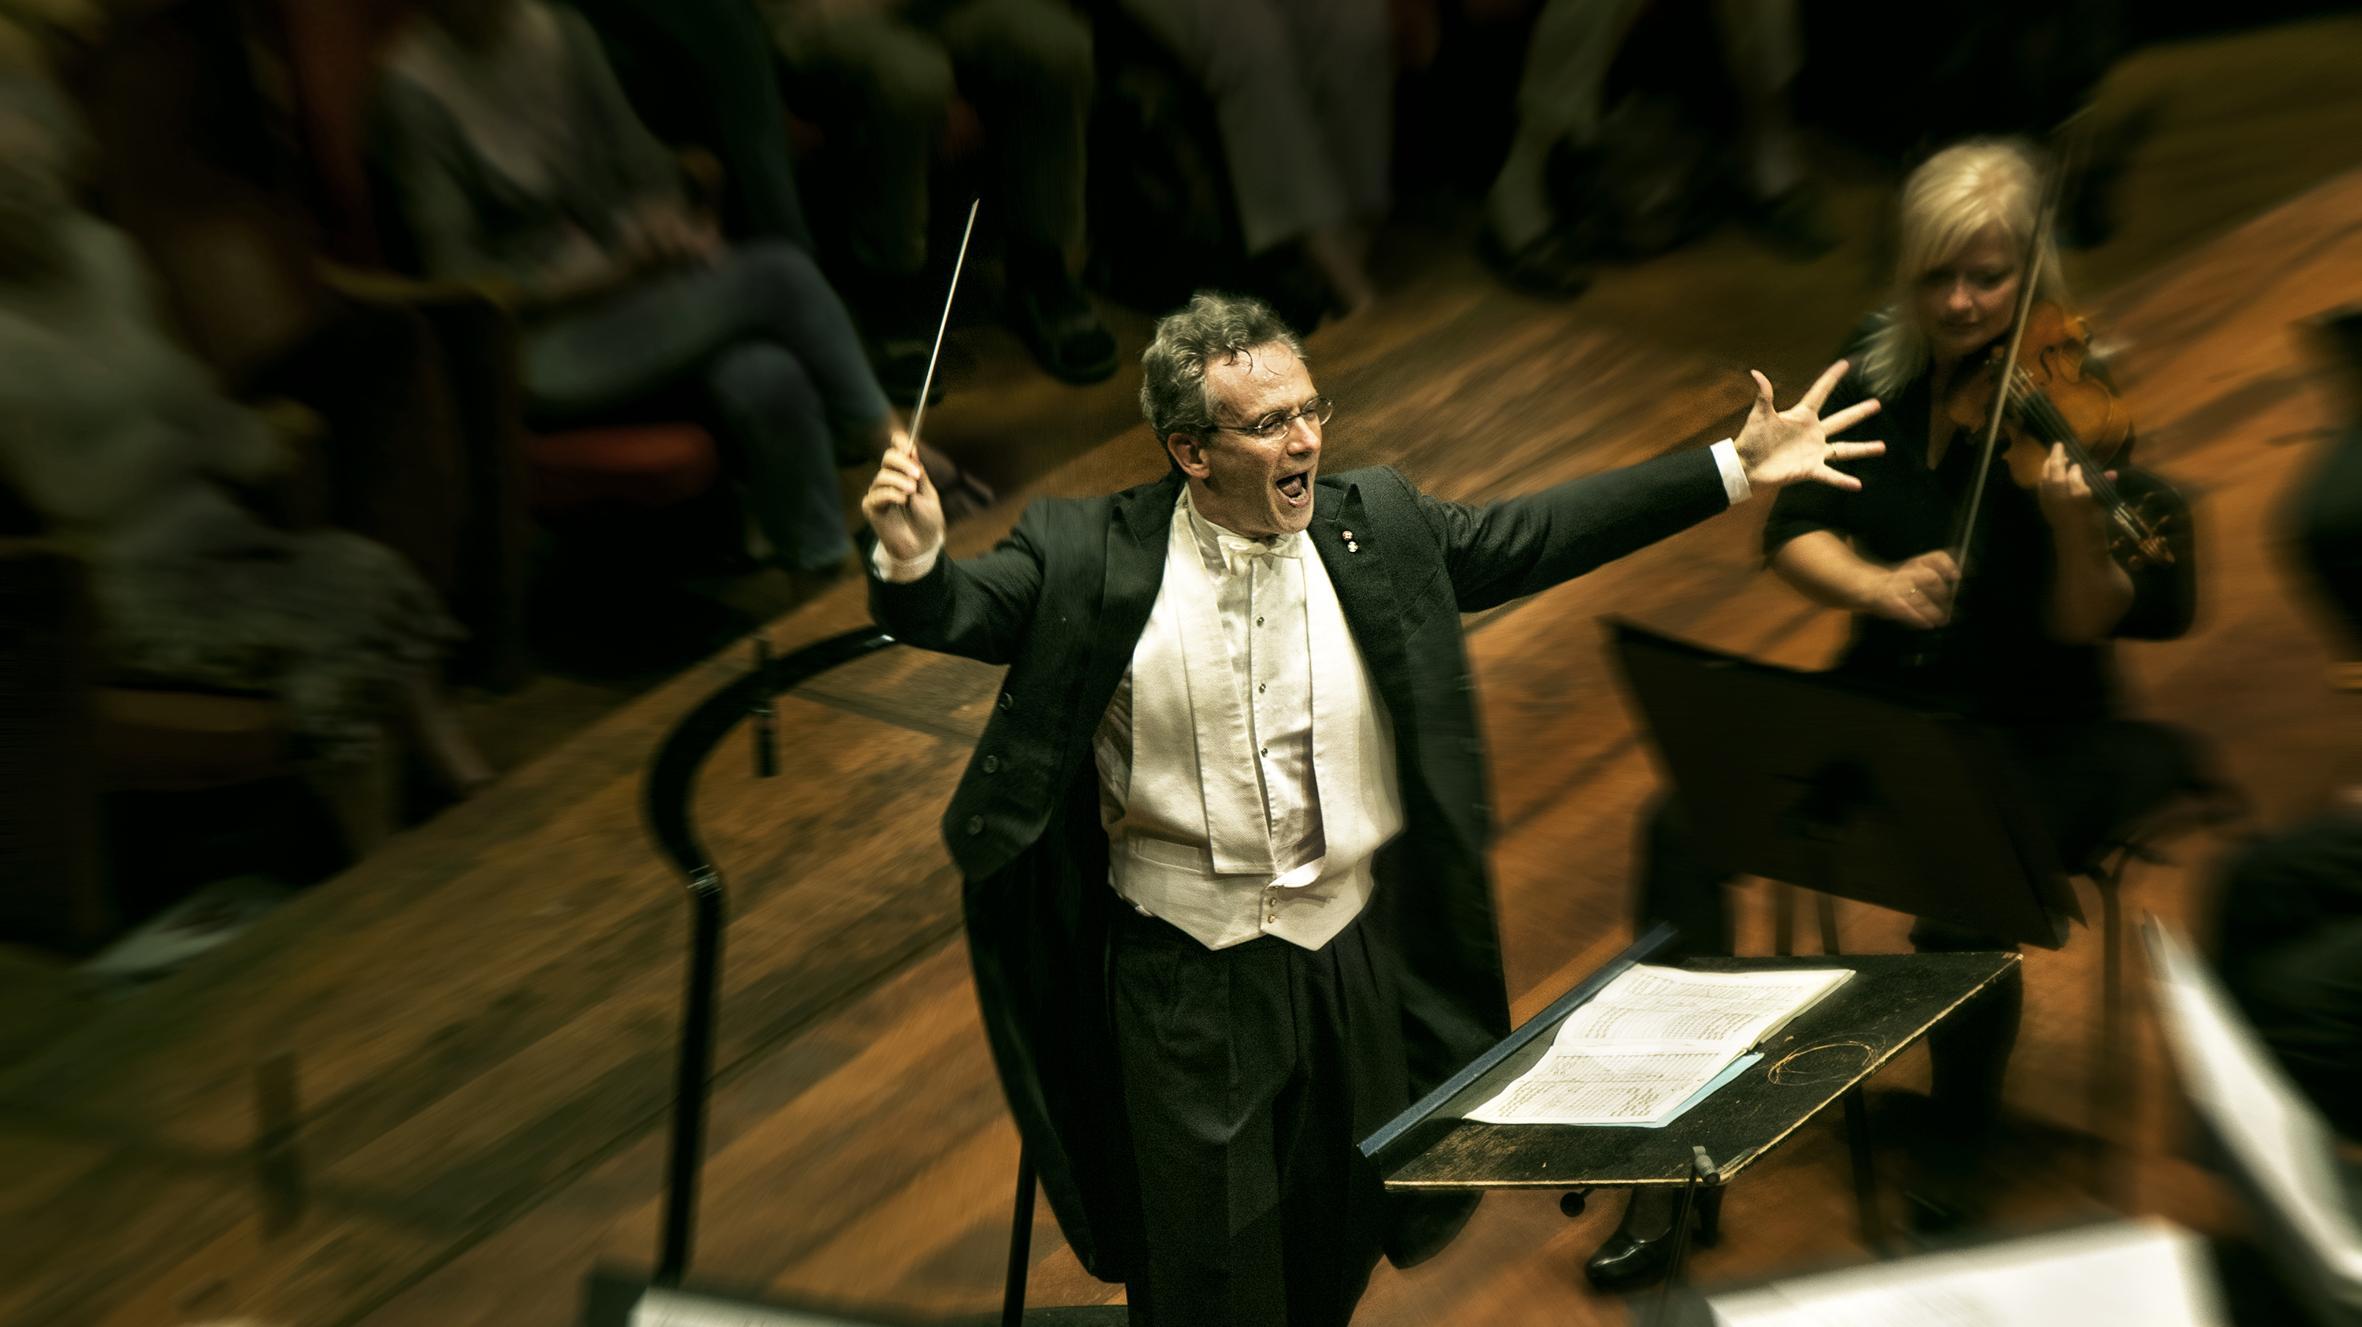 dr_symfoniorkestret_luisi_3_per_morten_abrahamsen.jpg